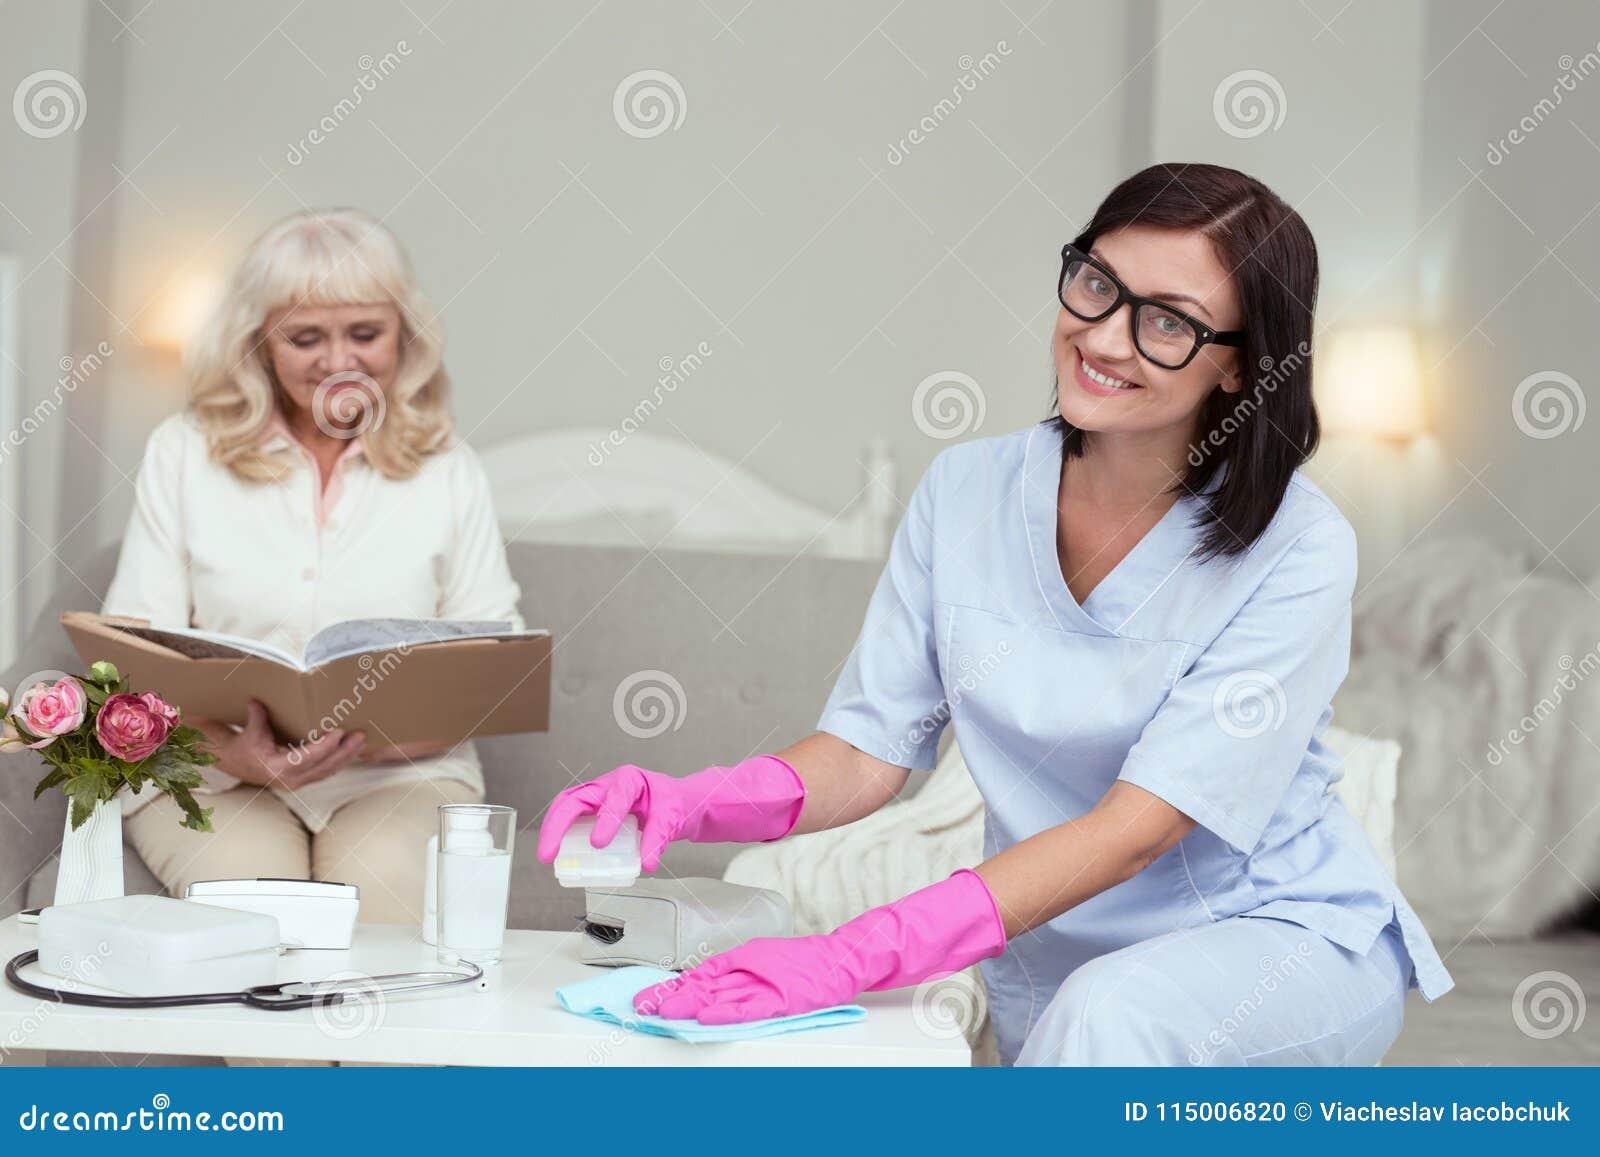 Positive weibliche Pflegekraft, die Staub entfernt